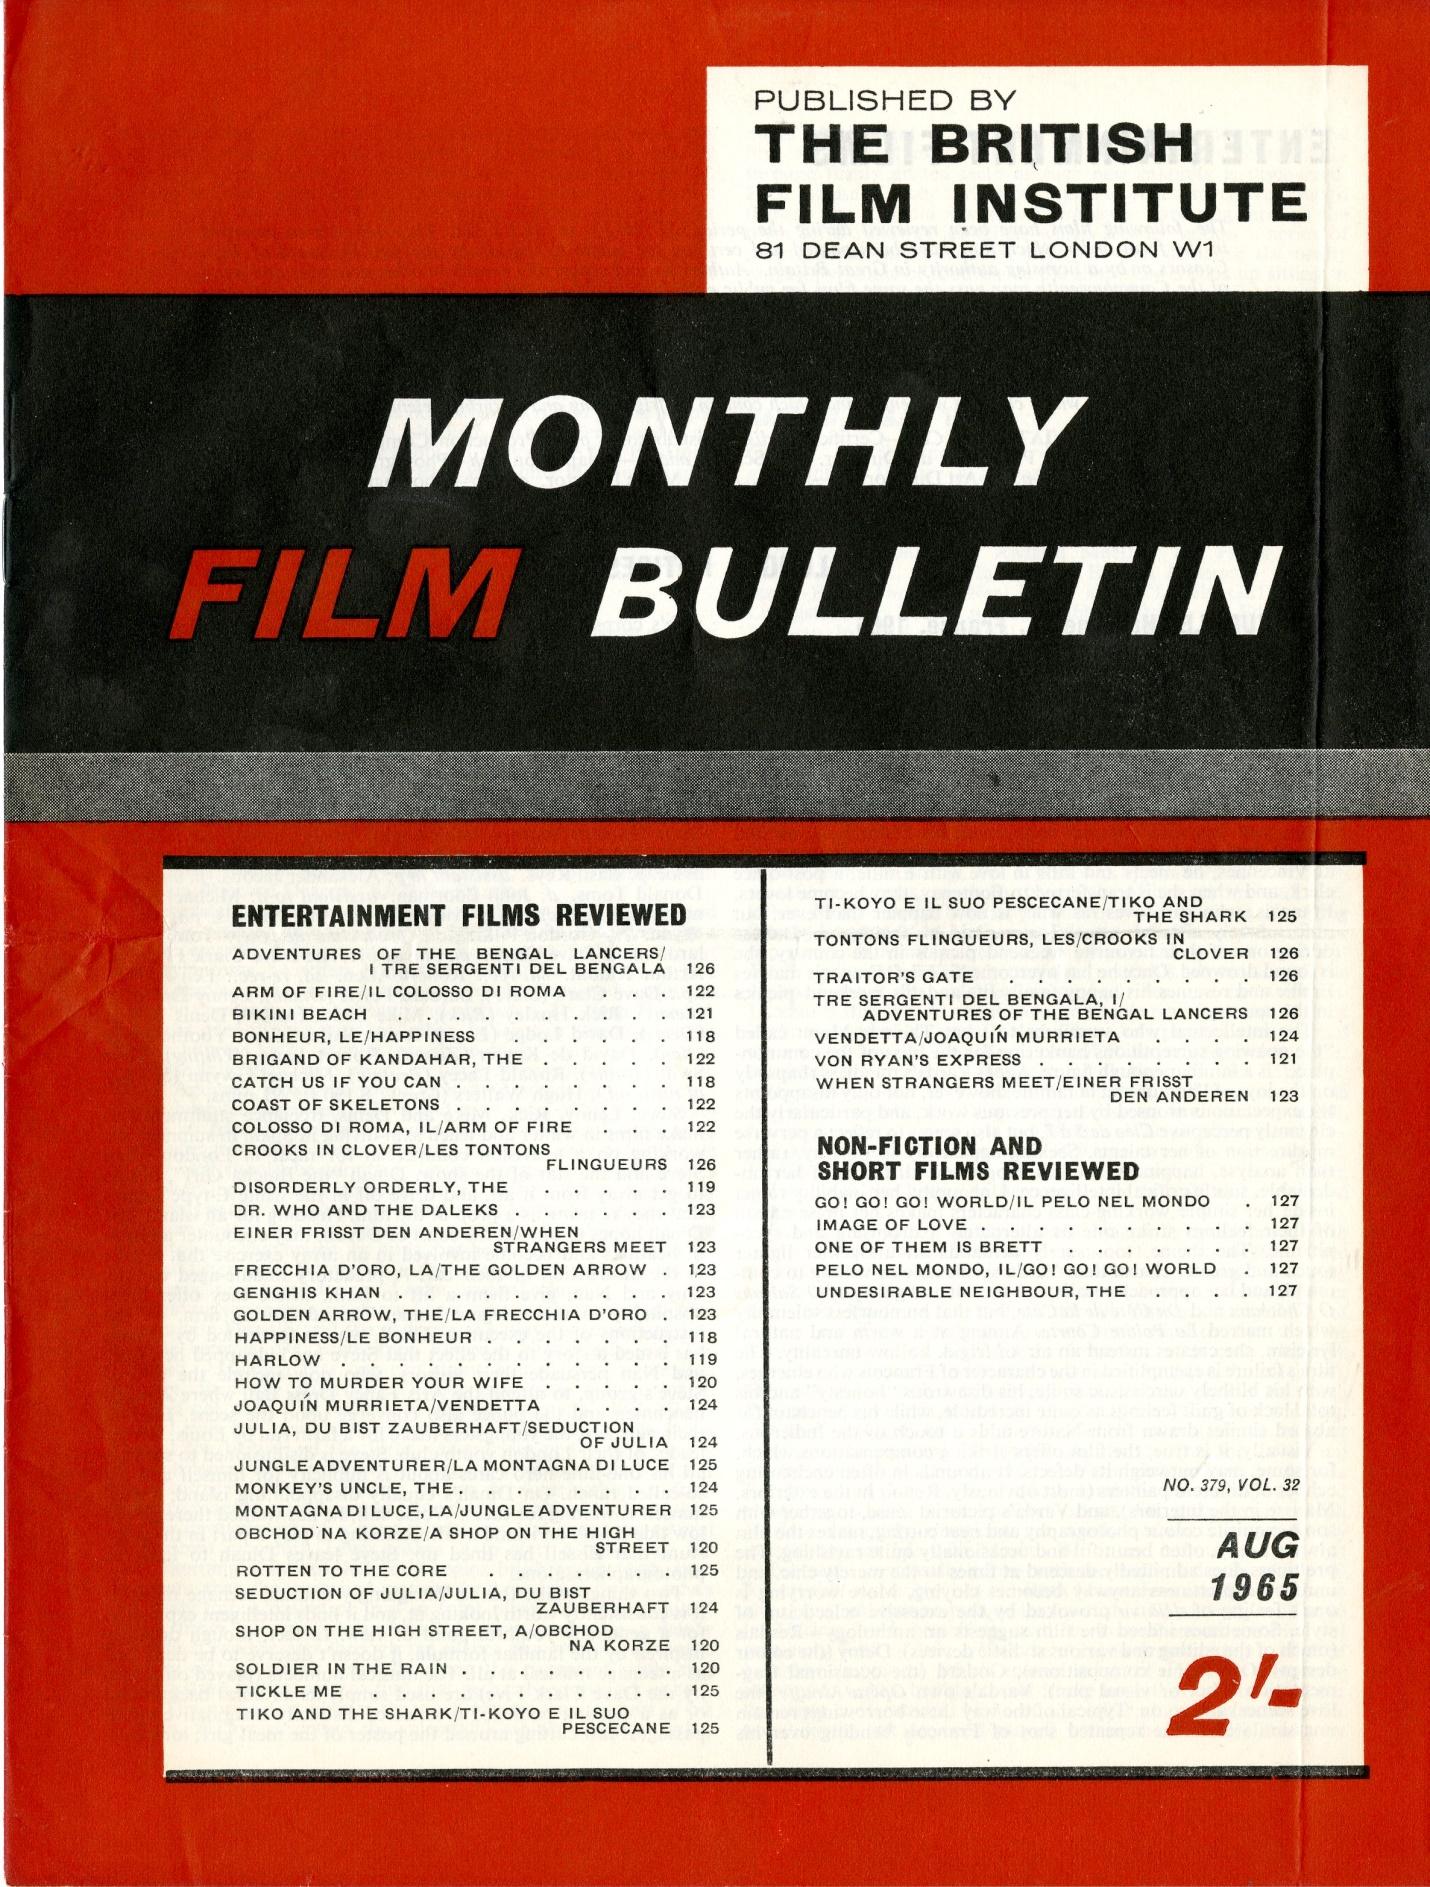 British Film Institute Monthly Film Bulletin, August 1965